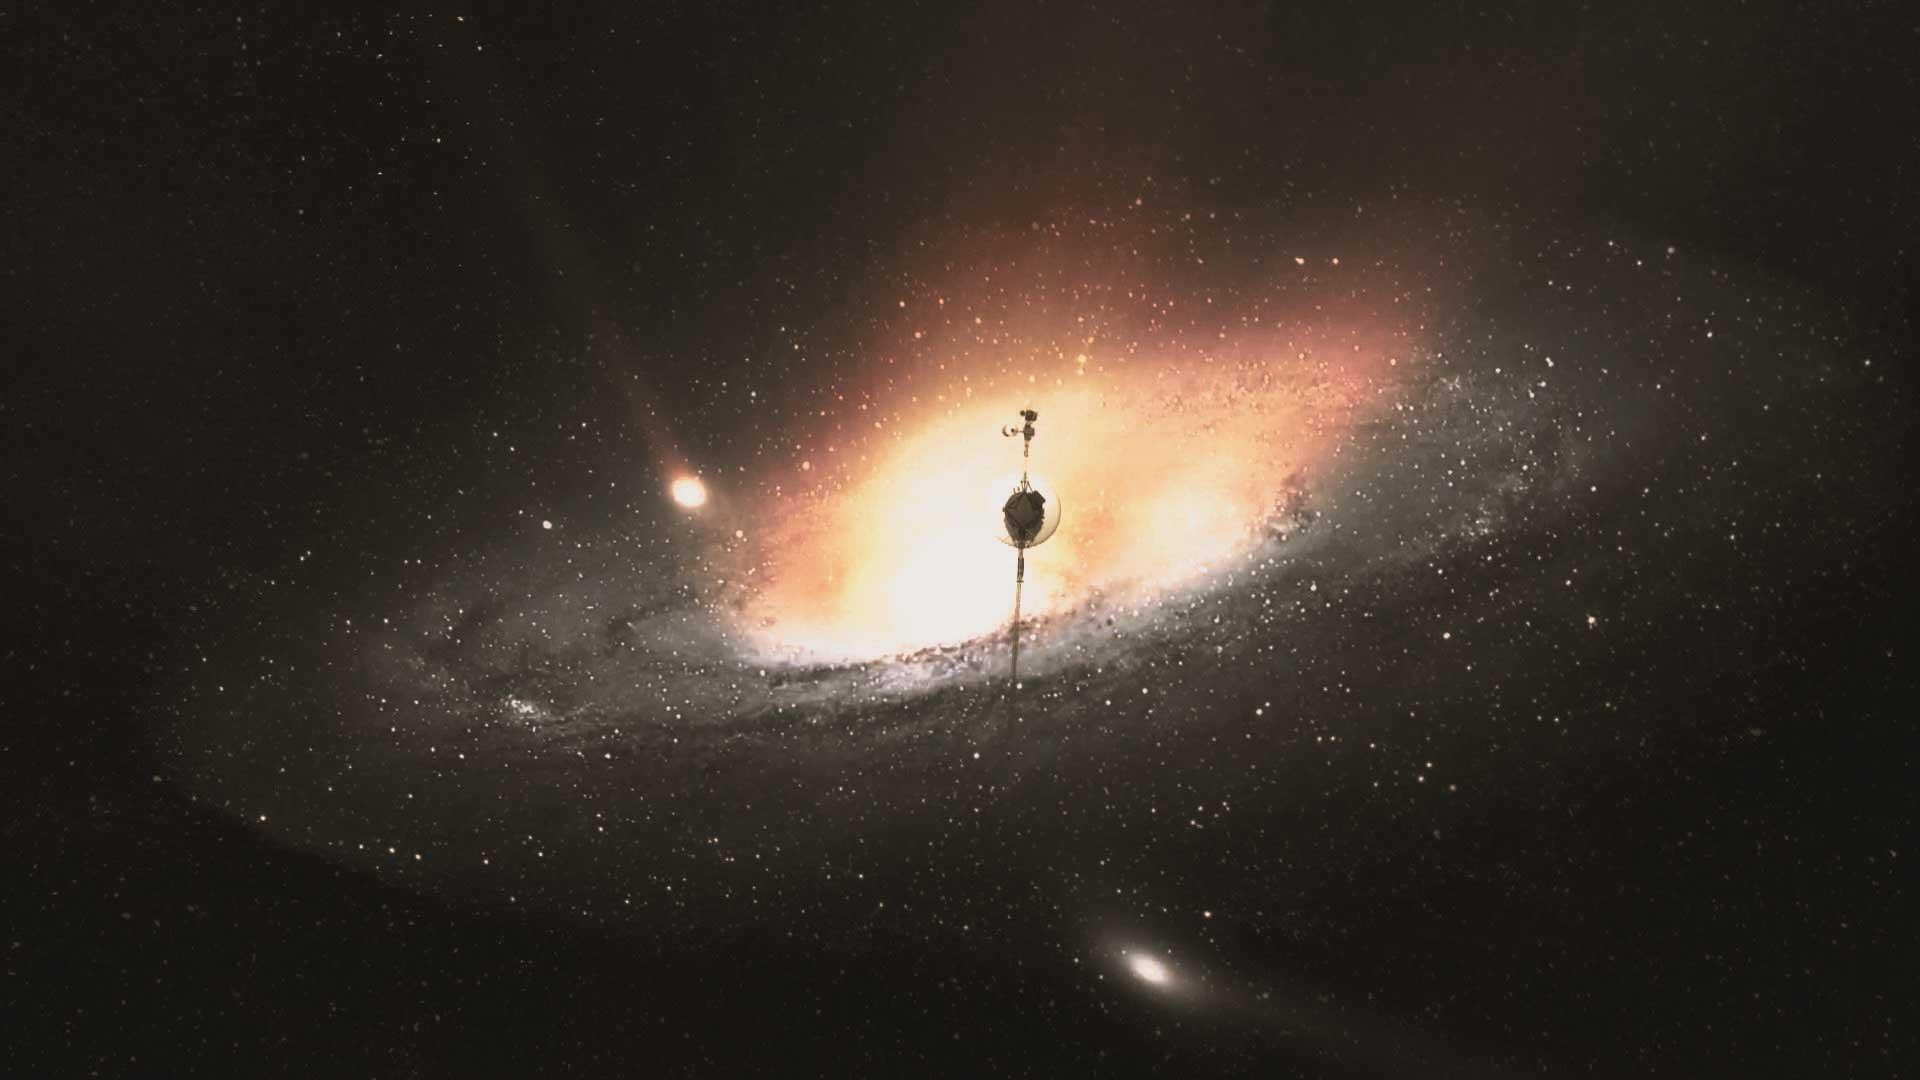 Voyager I: La sonda más lejana a la Tierra revivió a 21 mil millones de kilómetros